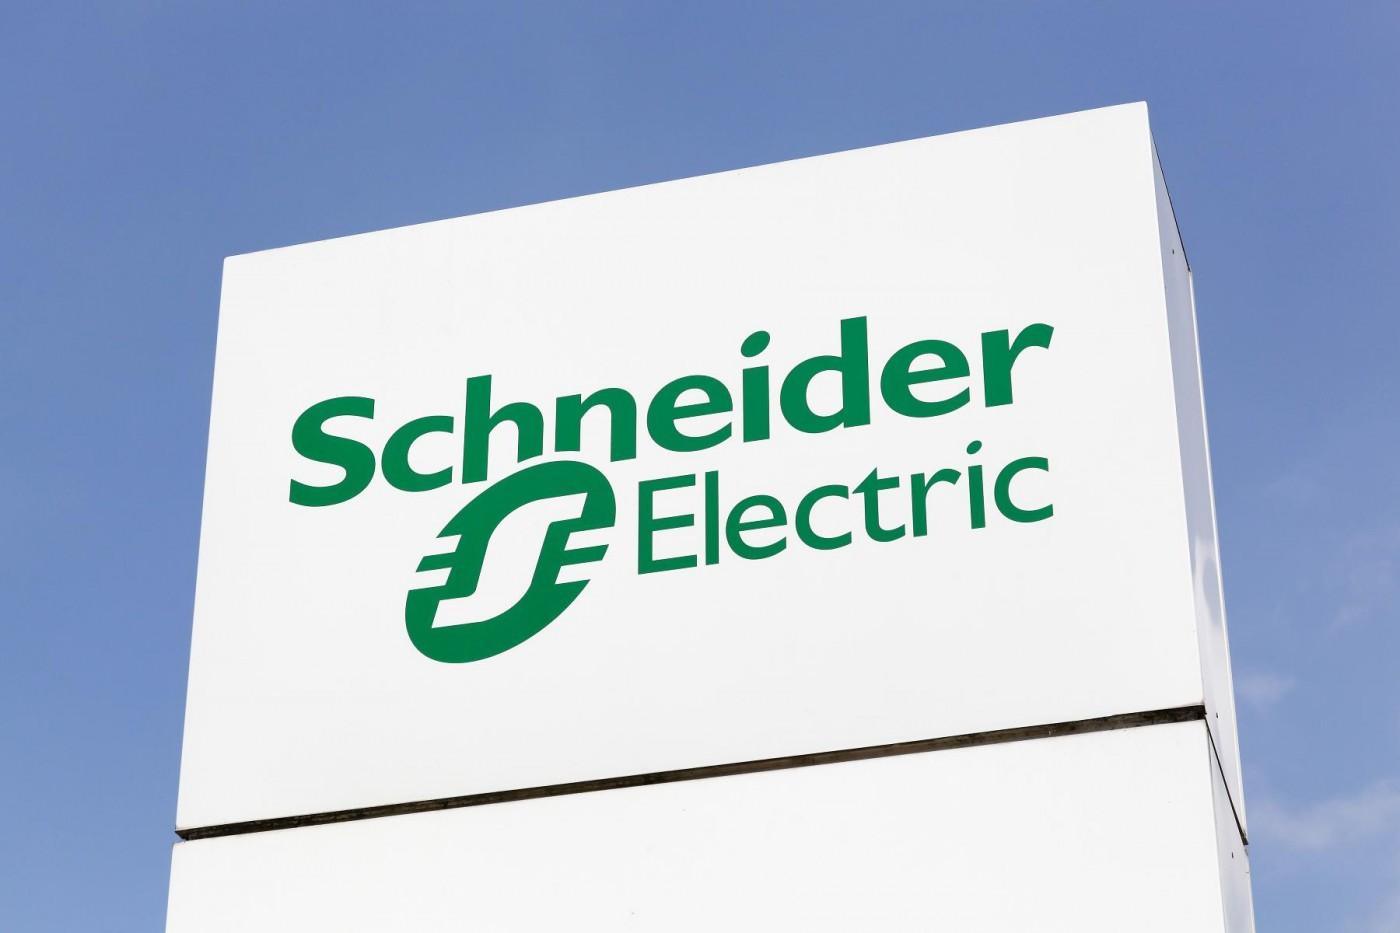 解決半導體缺電隱憂,施耐德打造自動化配電系統